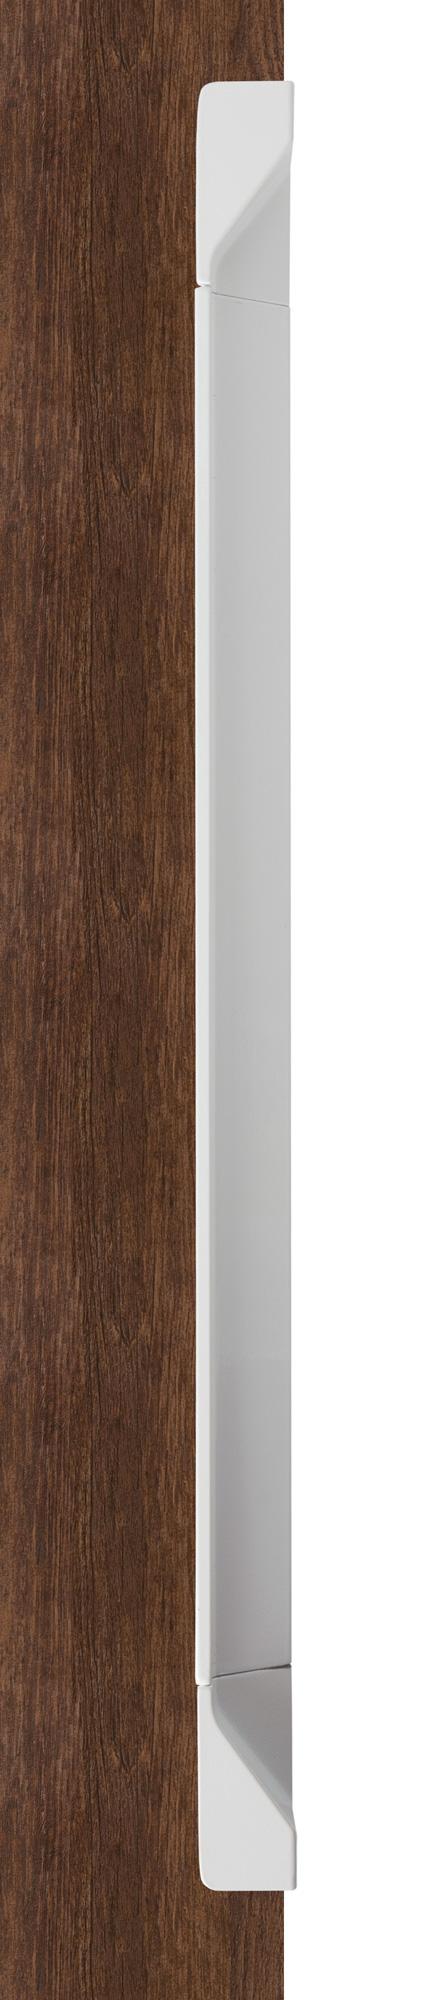 Ручка врезная мебельная, L 350мм белый